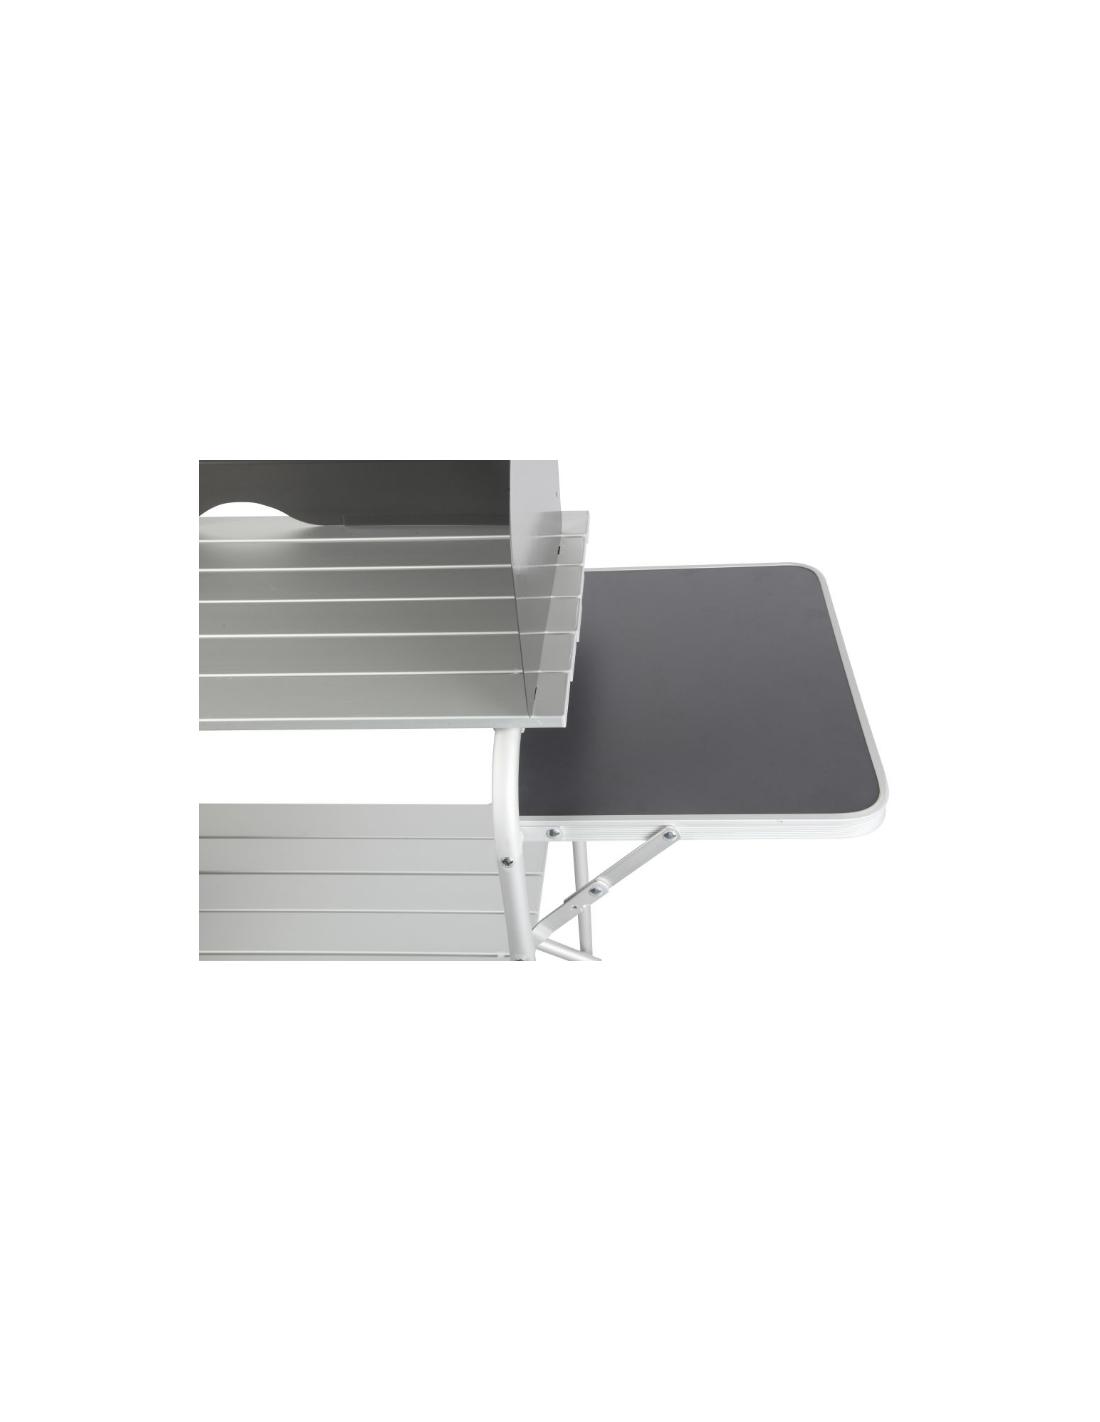 Mueble cocina aluminio Midland Cuisine Egena totalmente plegable ...